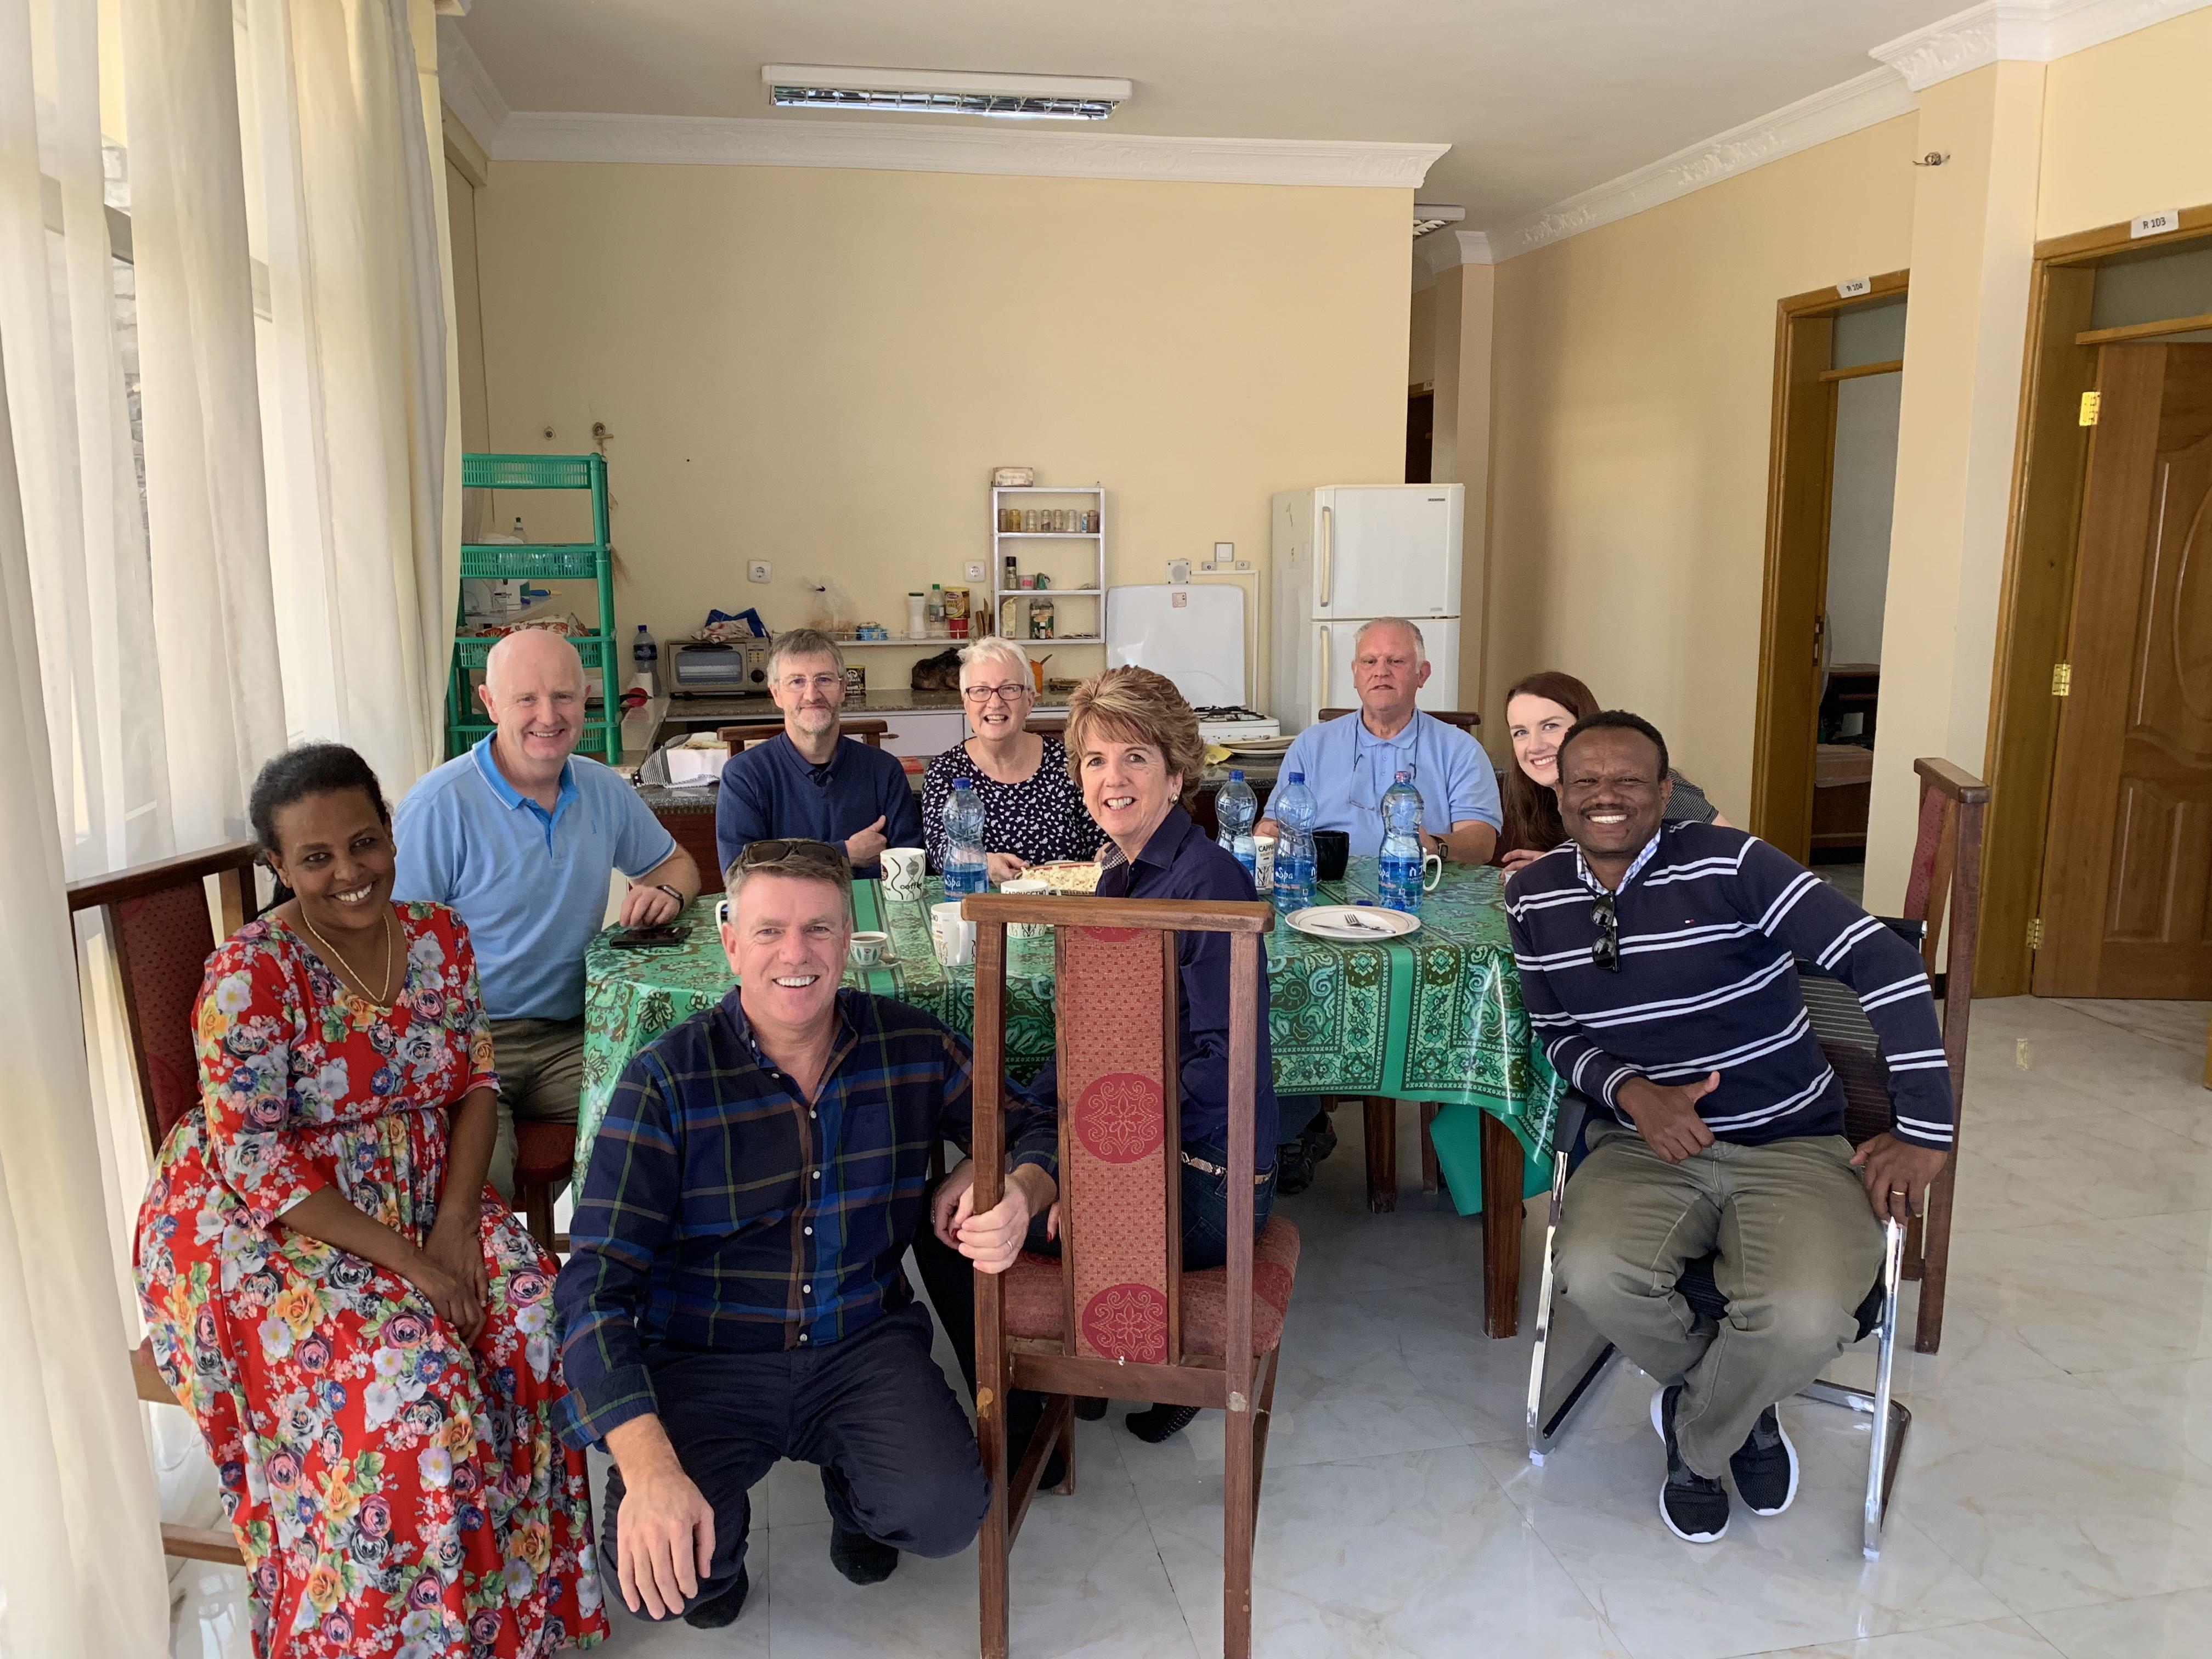 Operation Rescue Ethiopia (ORE) - Ballinderry Parish Church